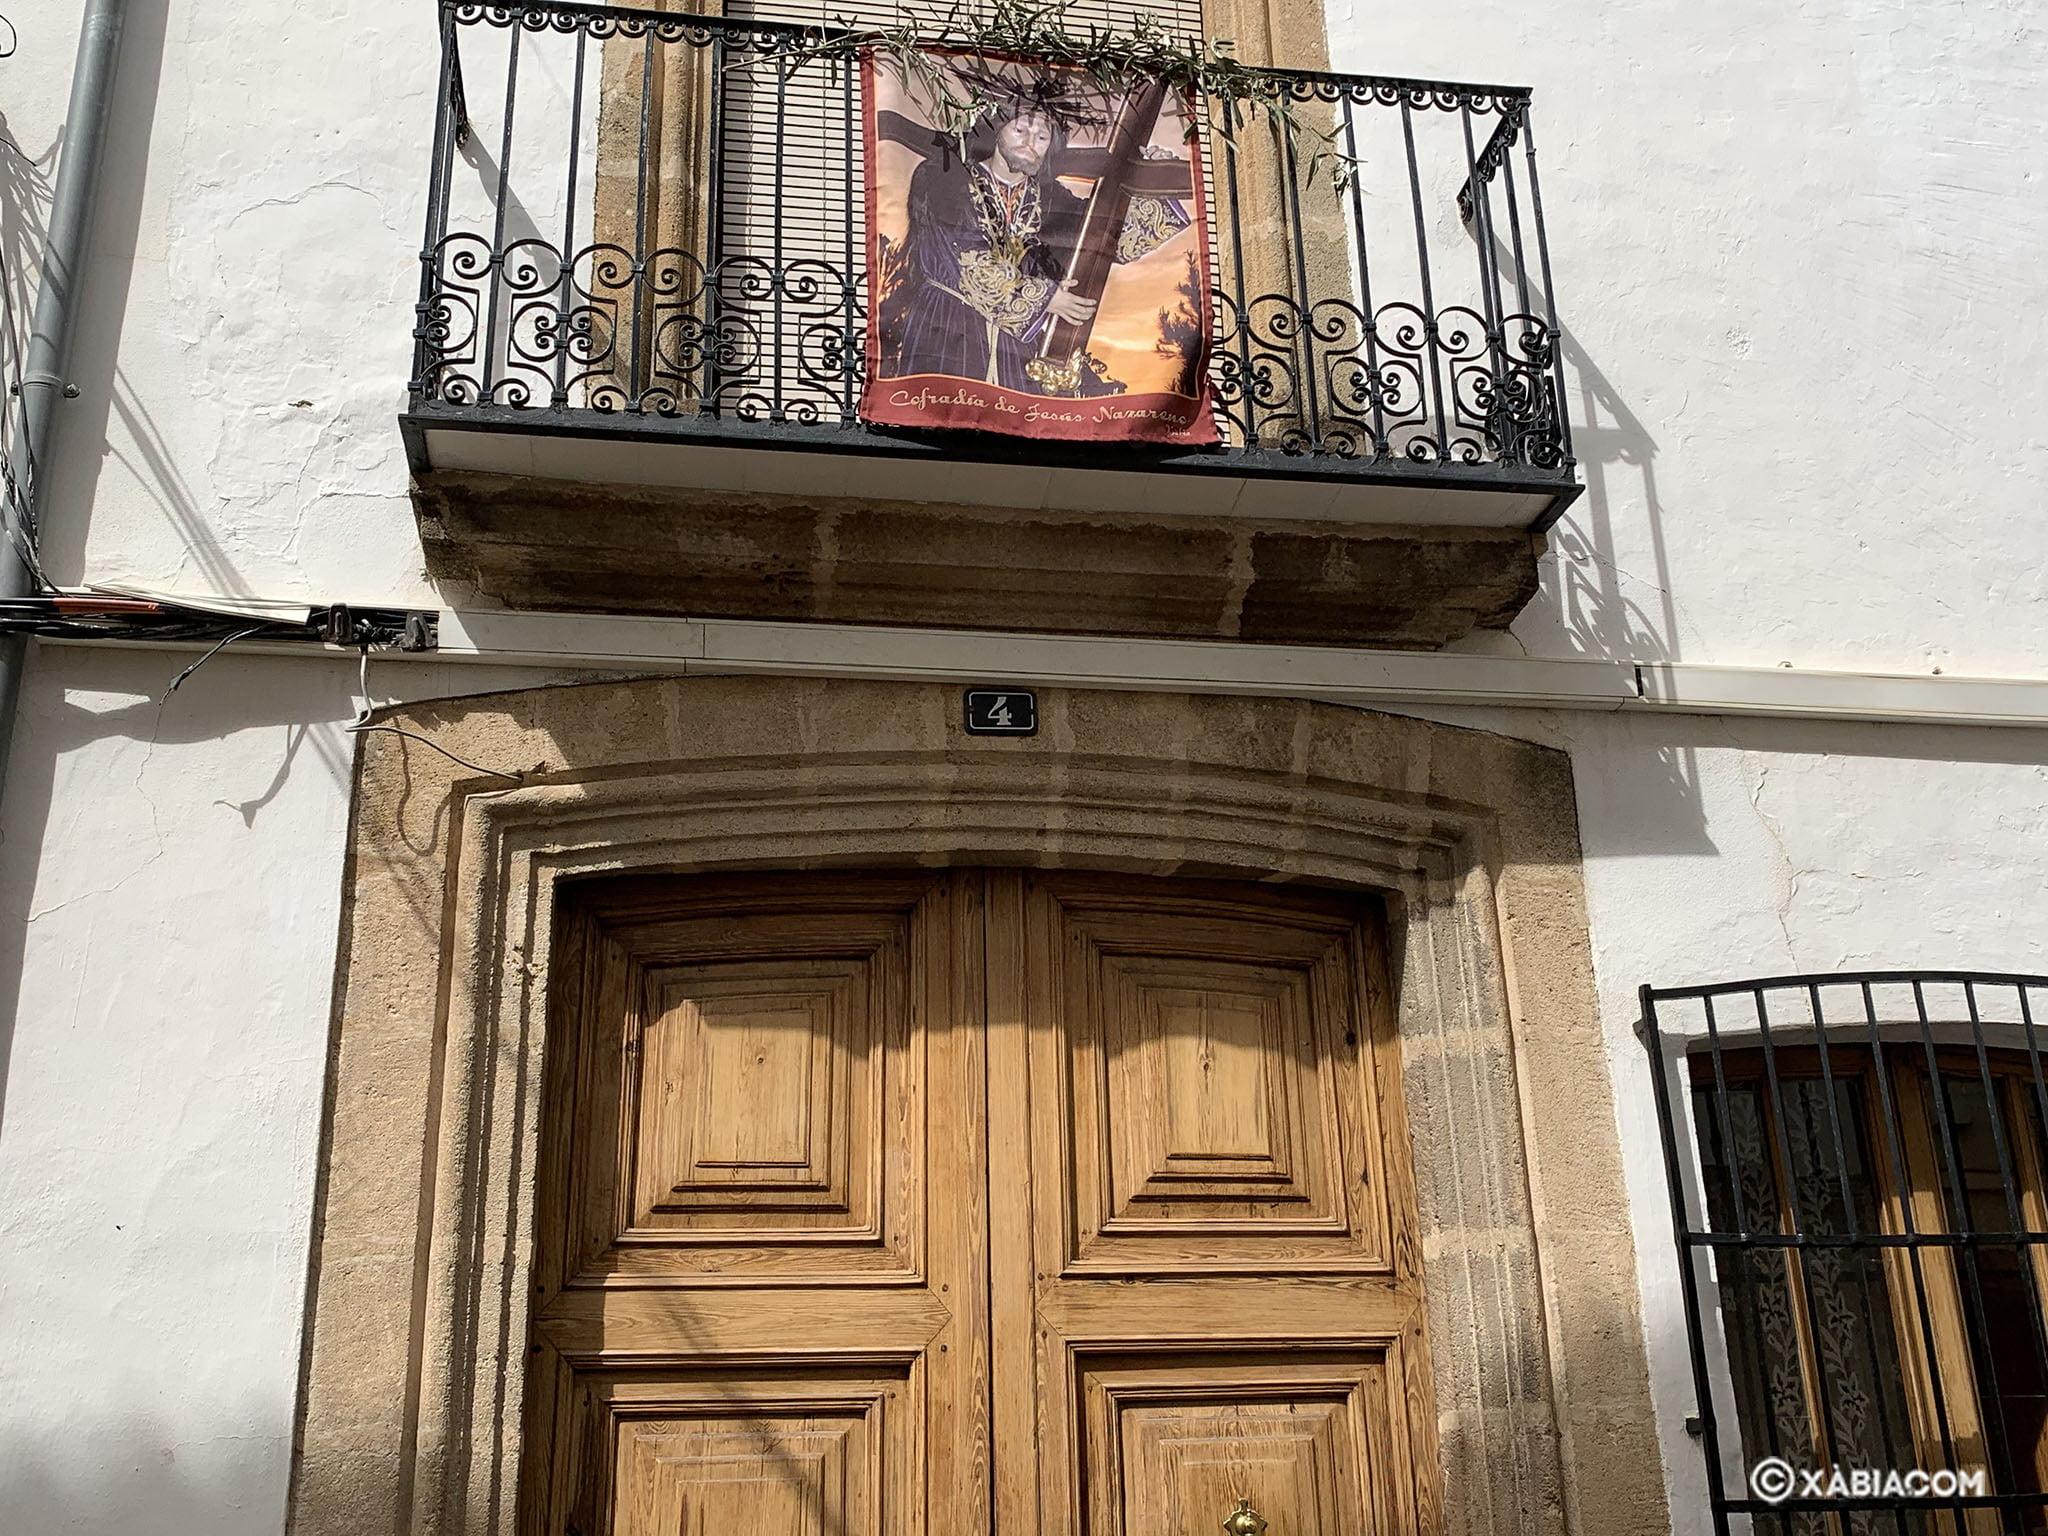 Imagen de Jesús Nazareno en un balcón